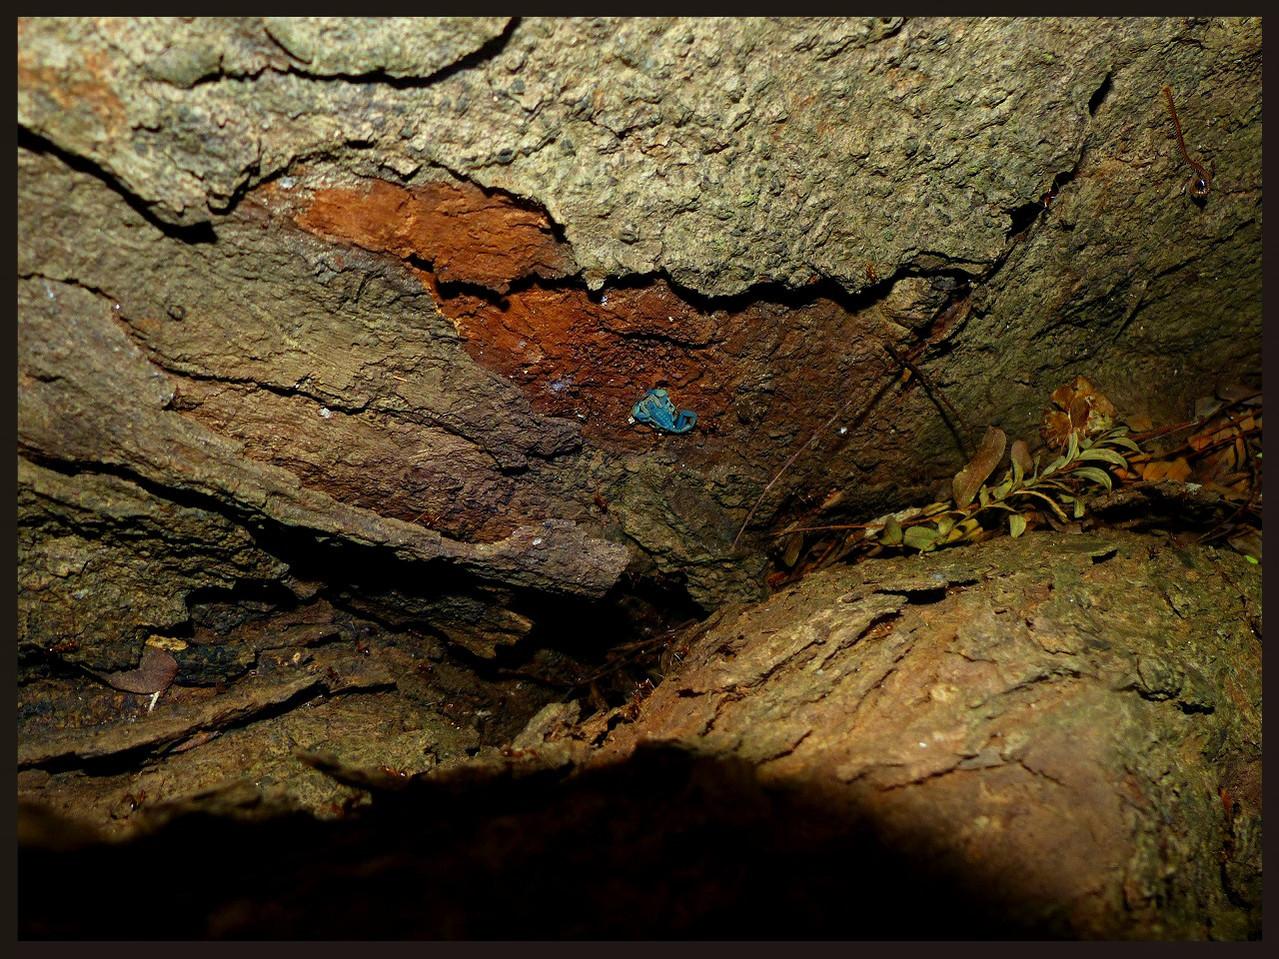 Reddyanus loebli